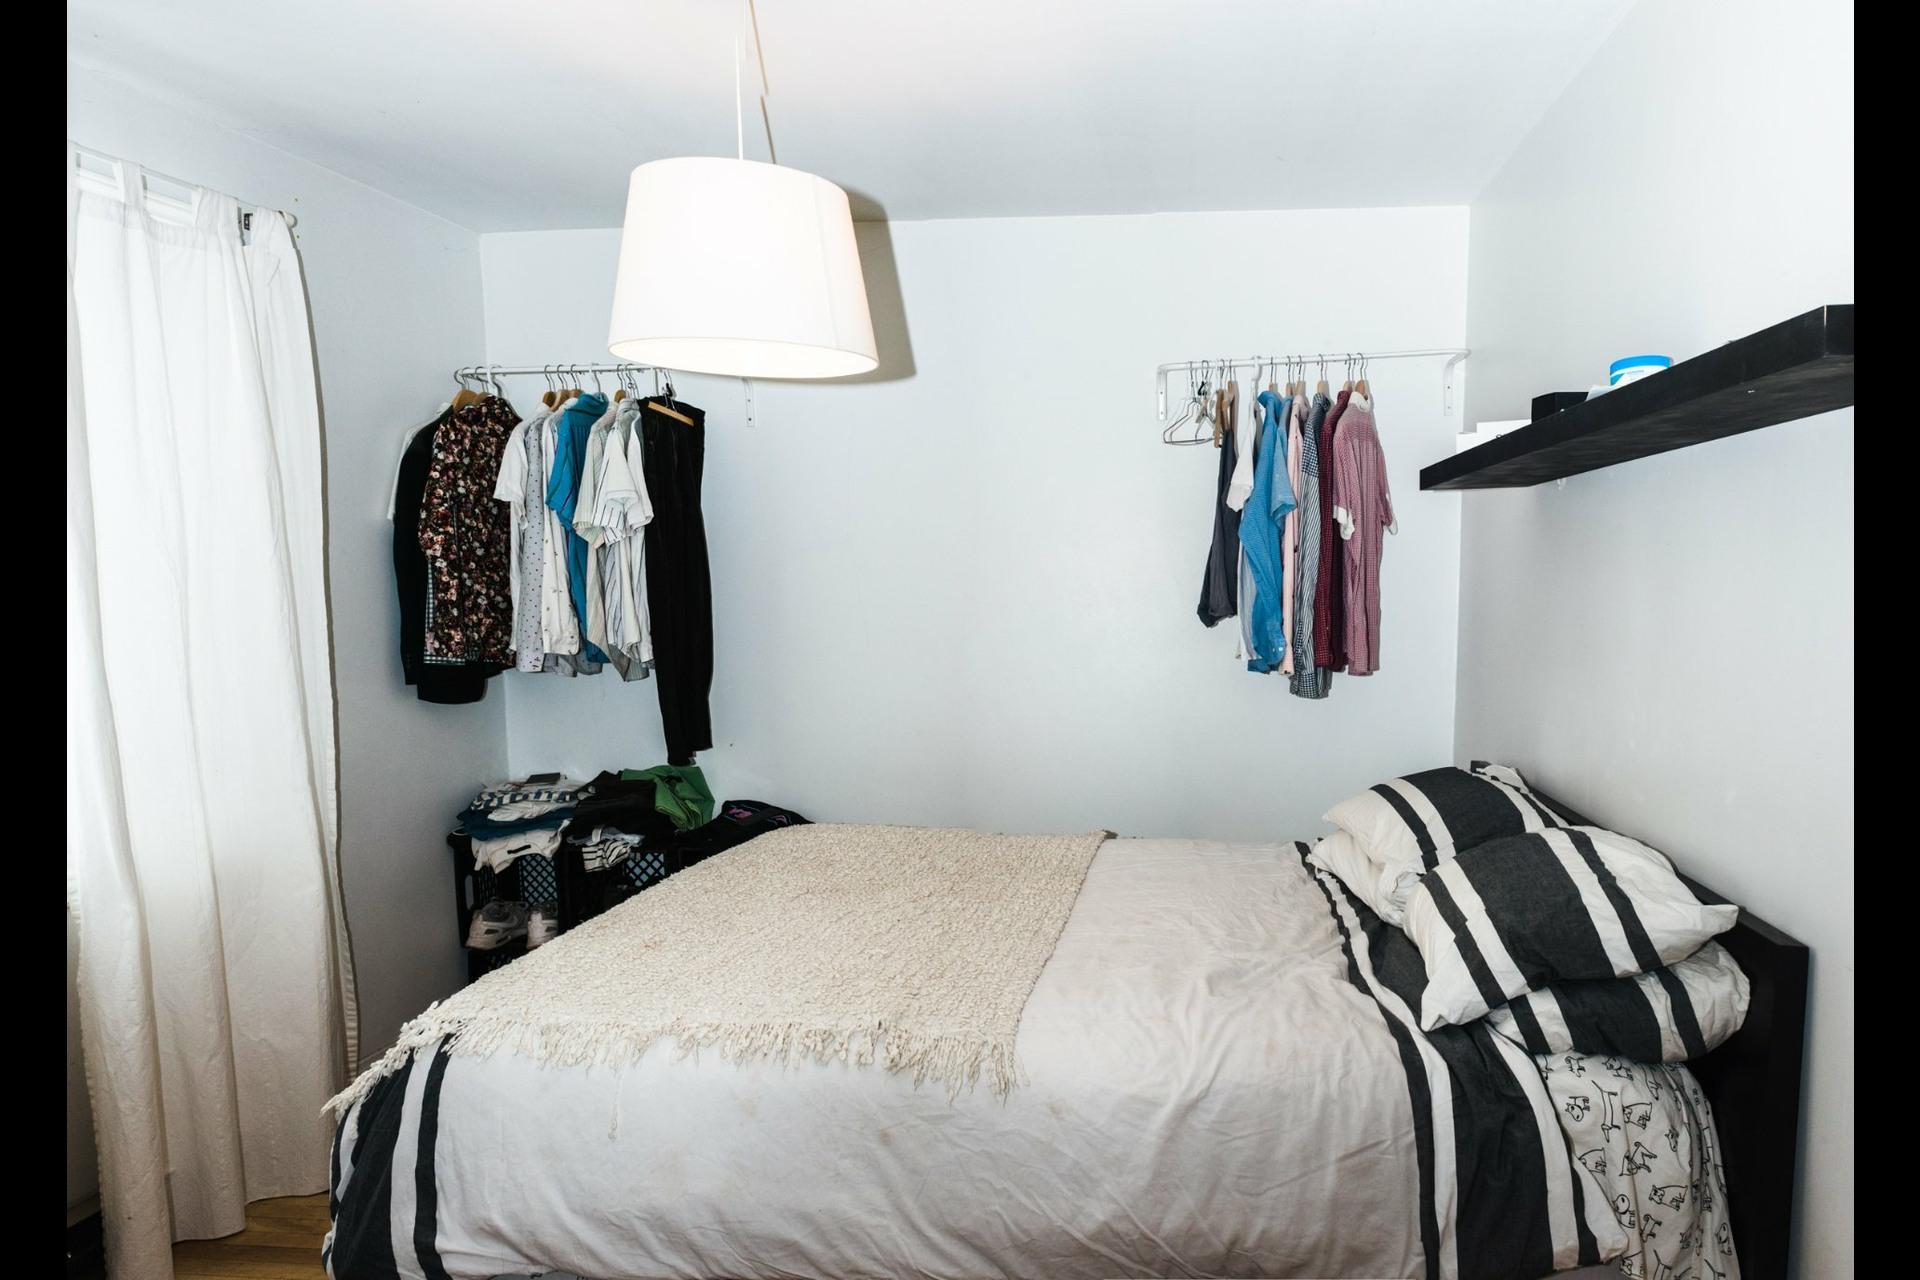 image 13 - Duplex À vendre Villeray/Saint-Michel/Parc-Extension Montréal  - 4 pièces